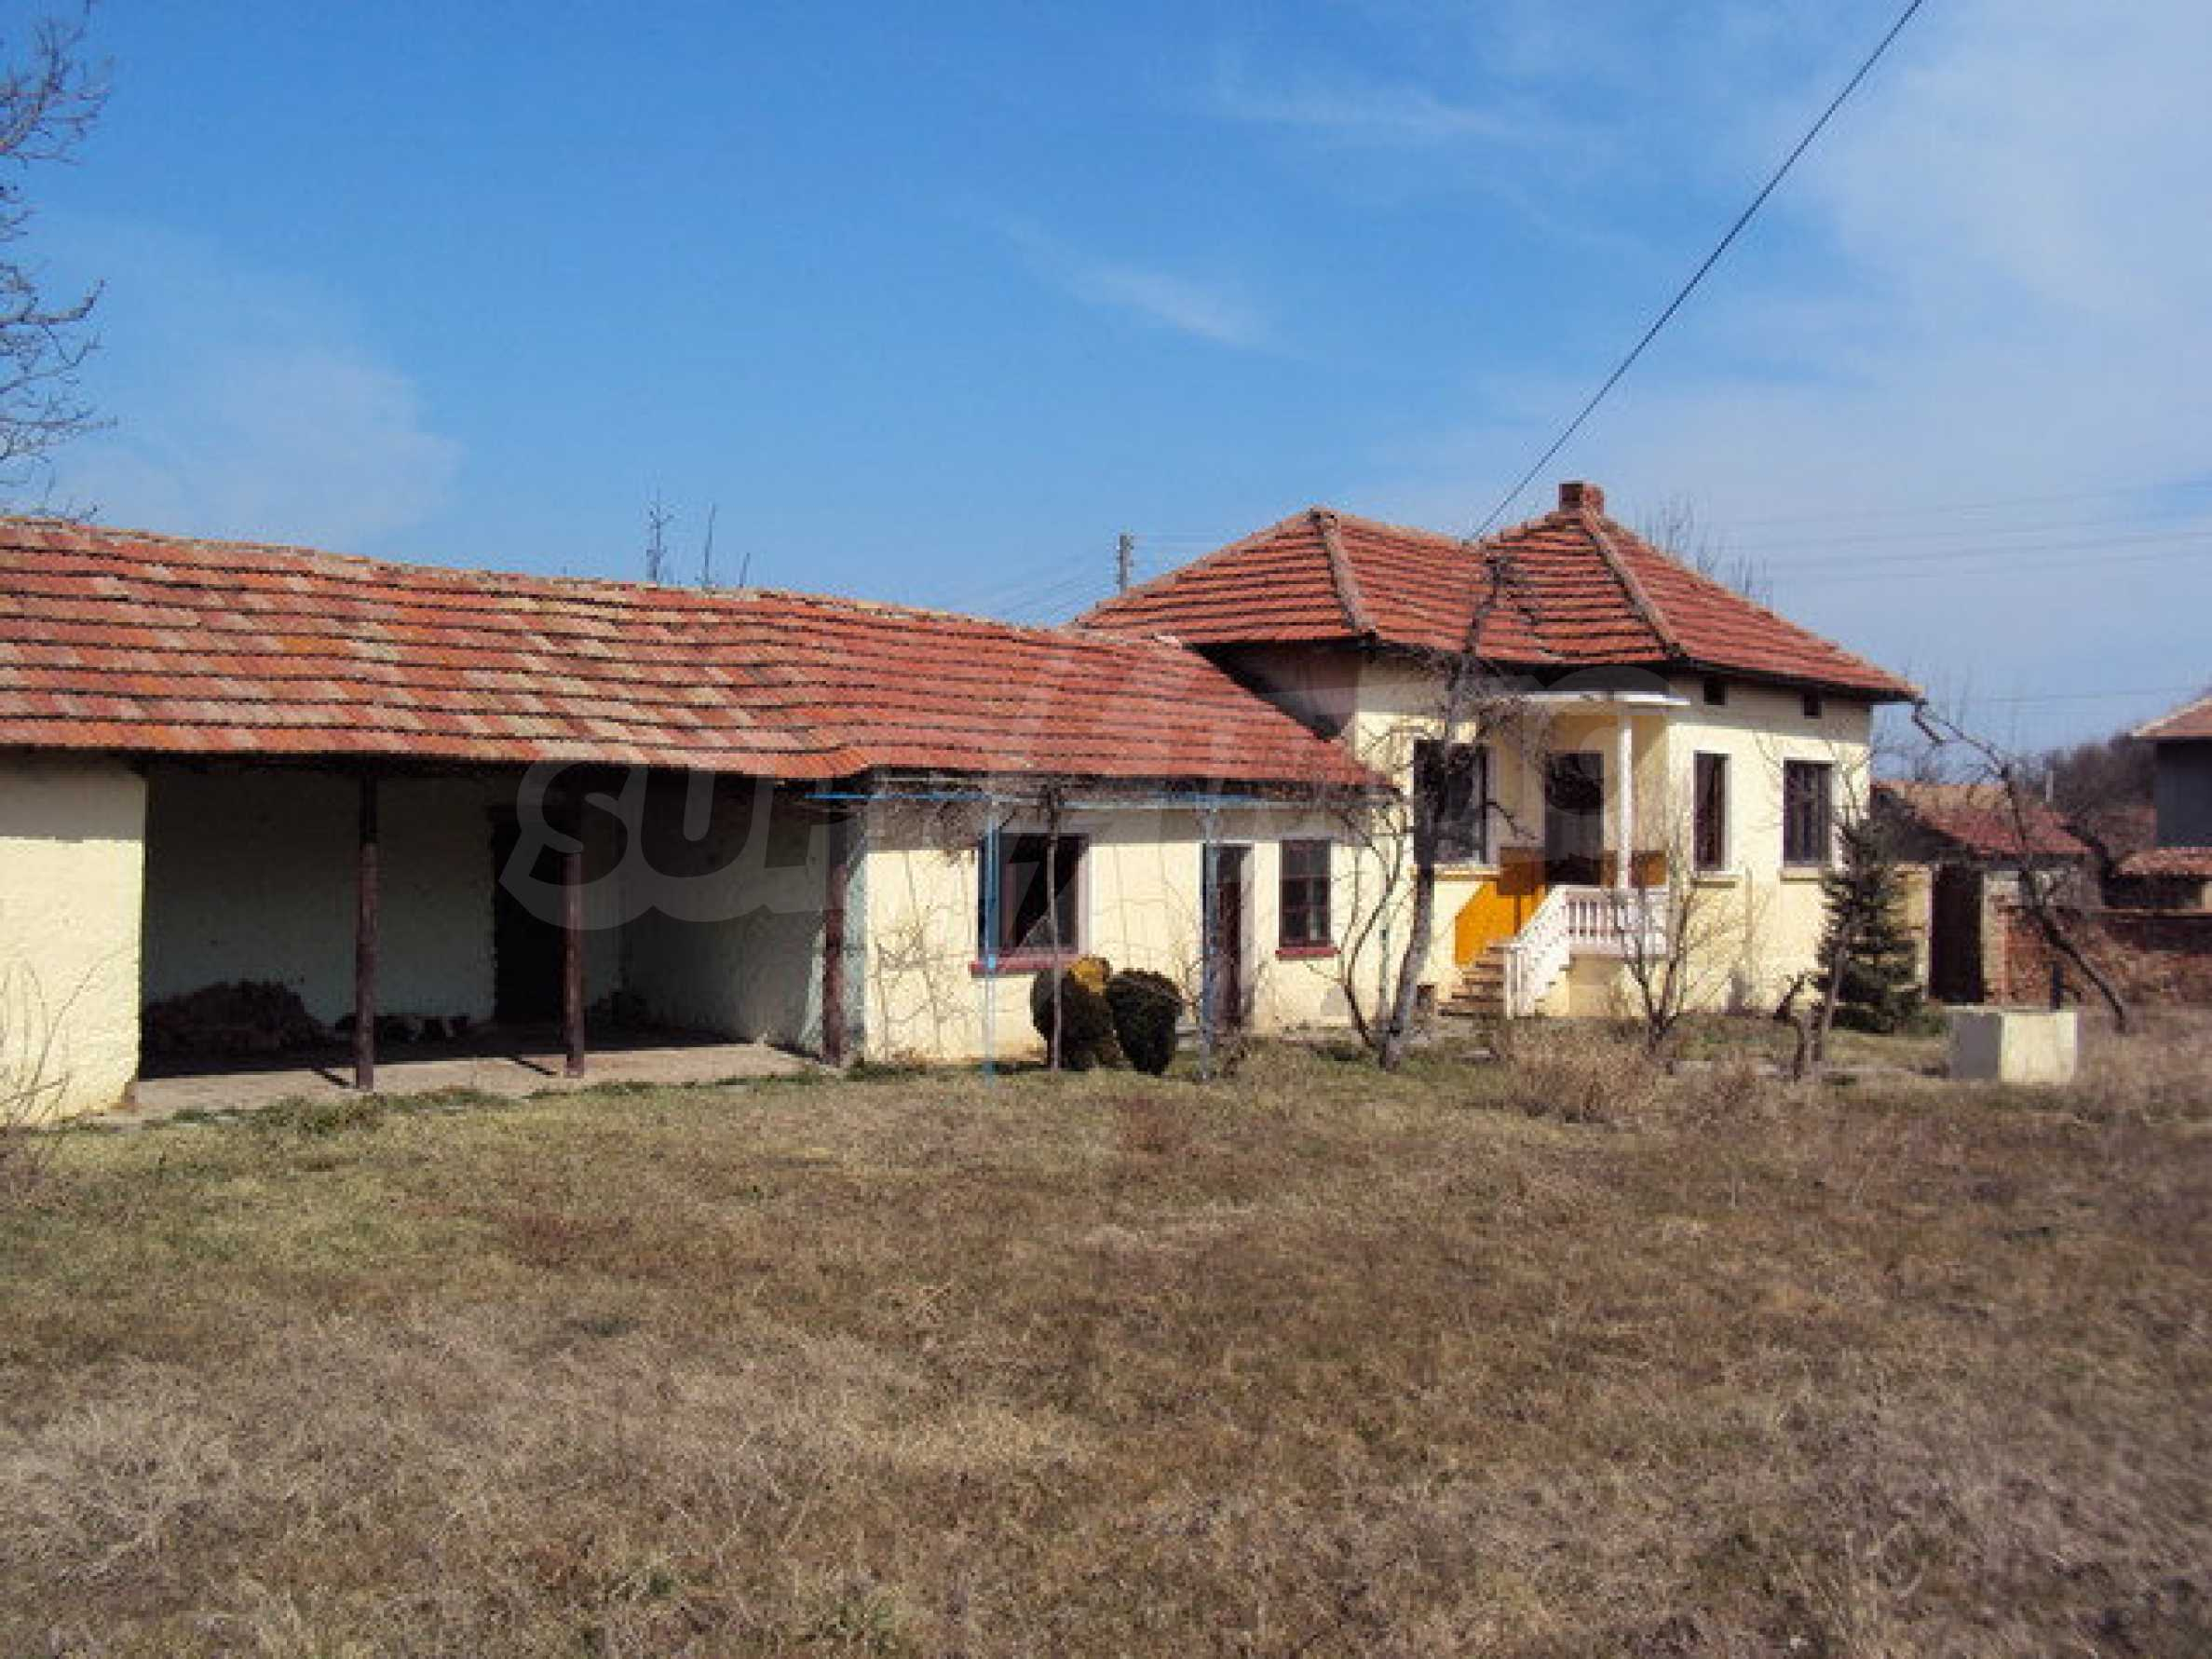 Einstöckiges Haus im Dorf Butovo 24